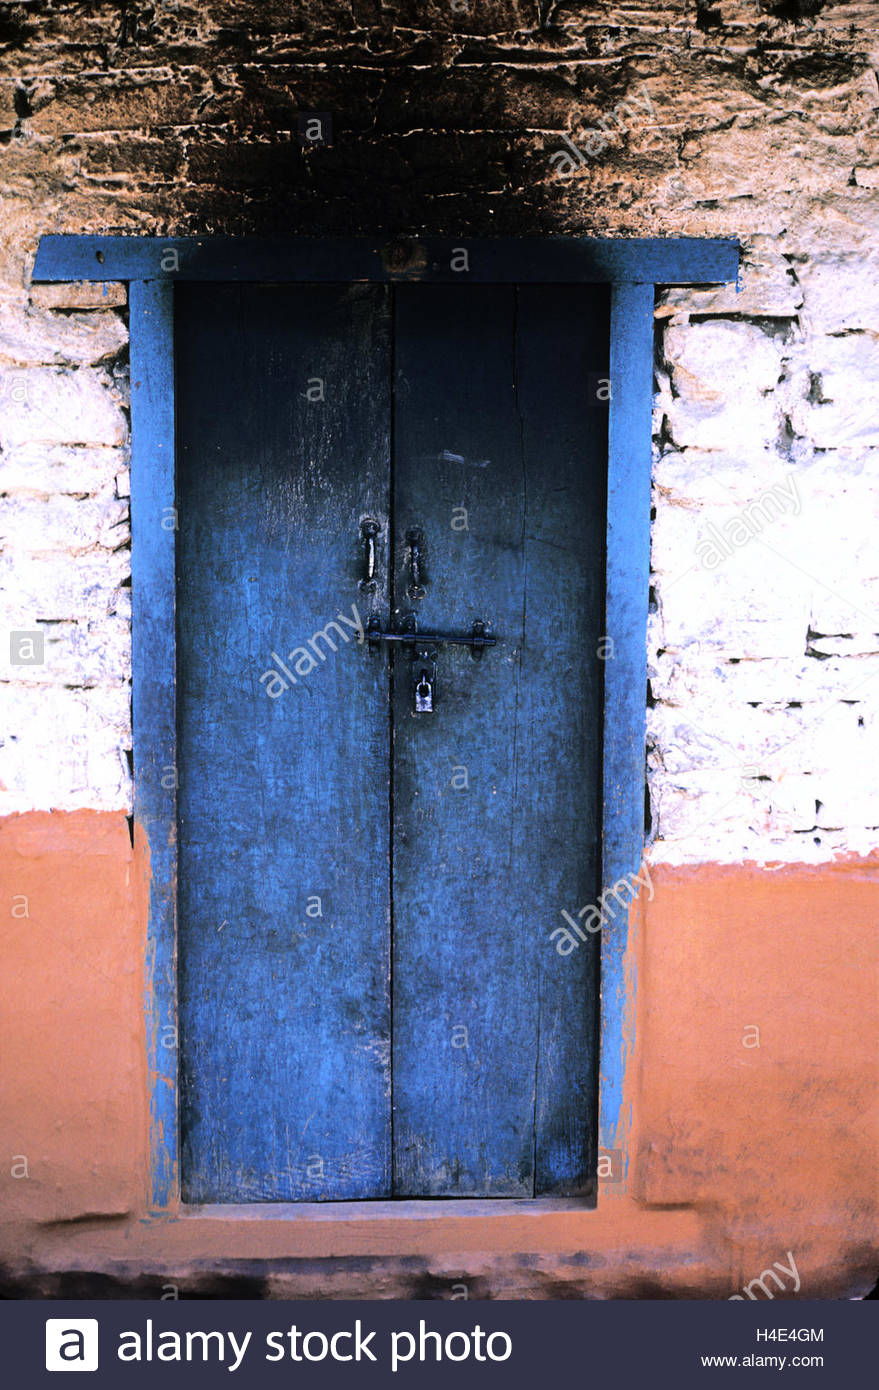 A painted doorway in Katmandu. - Stock Image